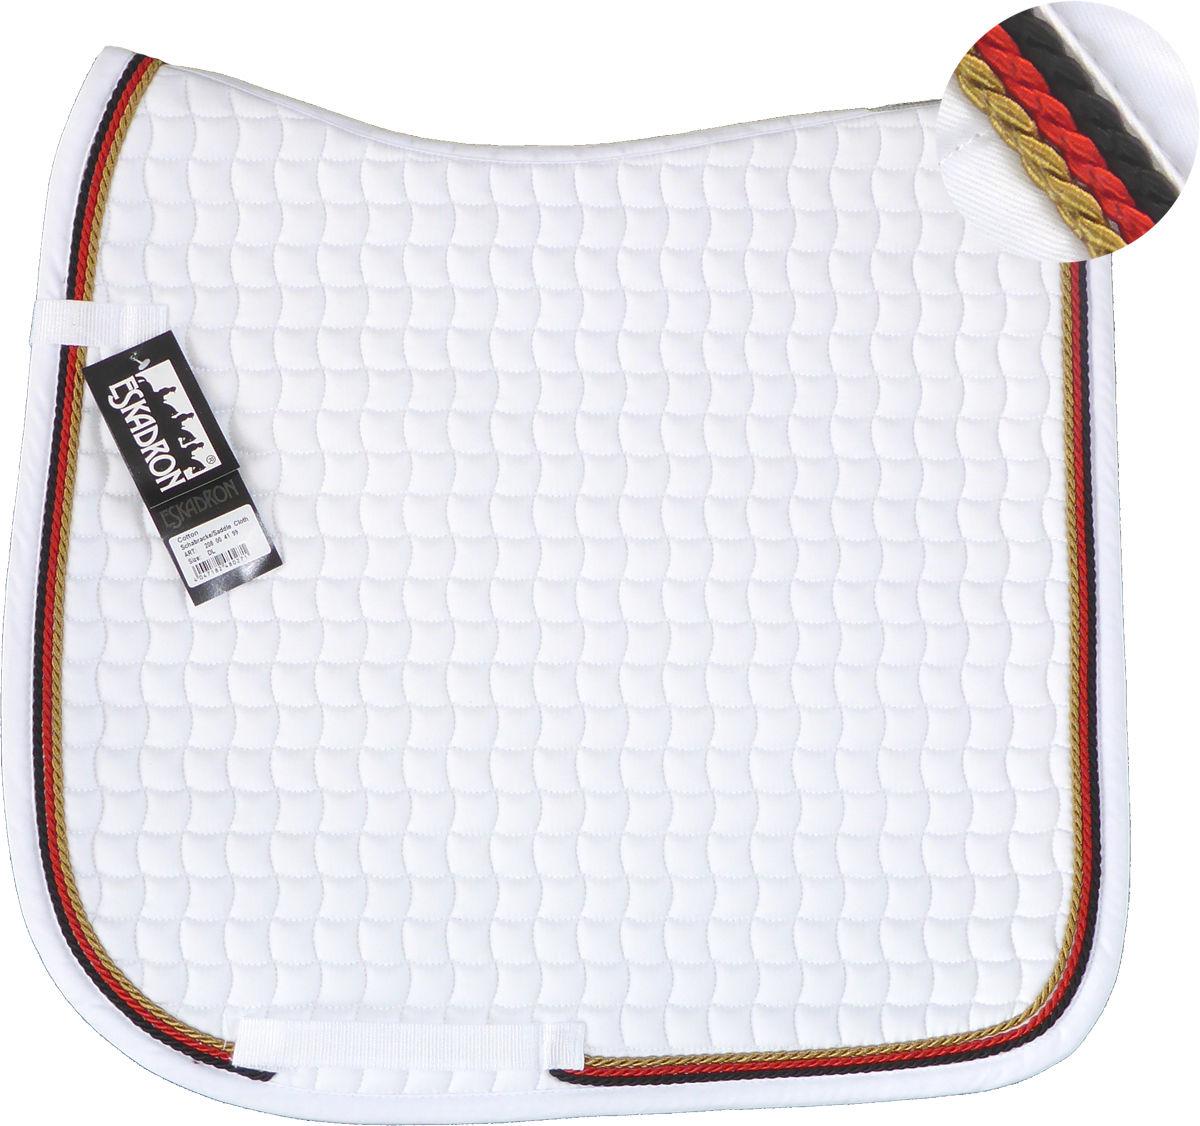 Neu ESKADRON Cotton Schabracke weiß, 3fach Kordel schwarz,rot,gold viele Größen